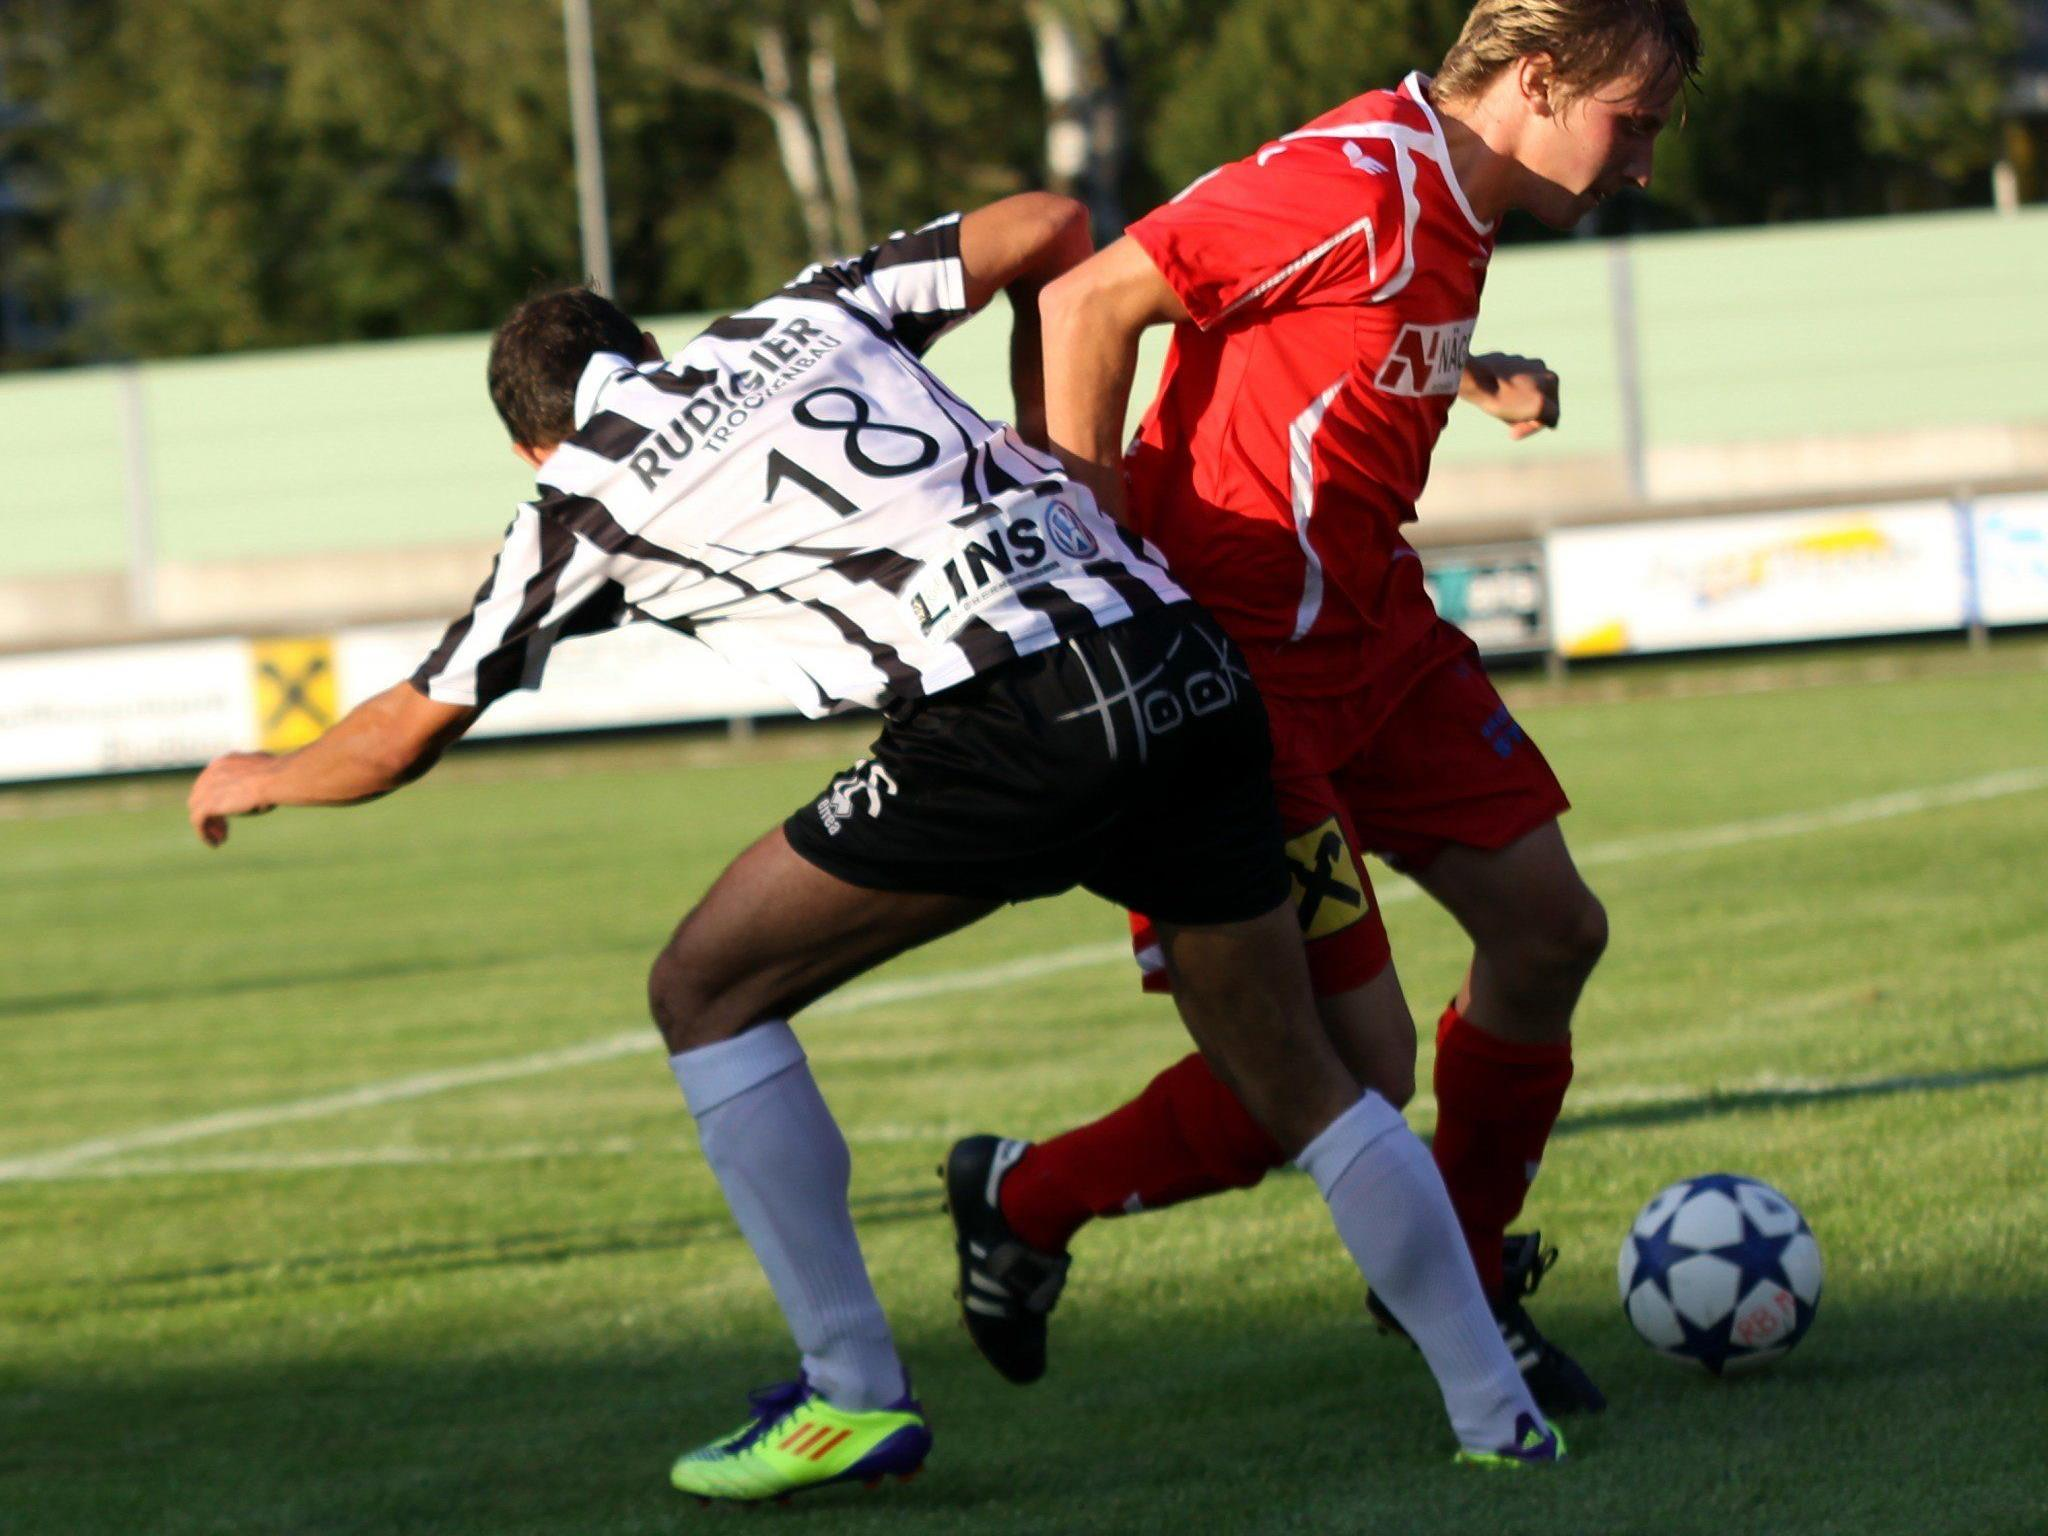 Rätia Bludenz wird im Frühjahr mit neuen Spielern versuchen doch noch den Klassenerhalt zu schaffen.